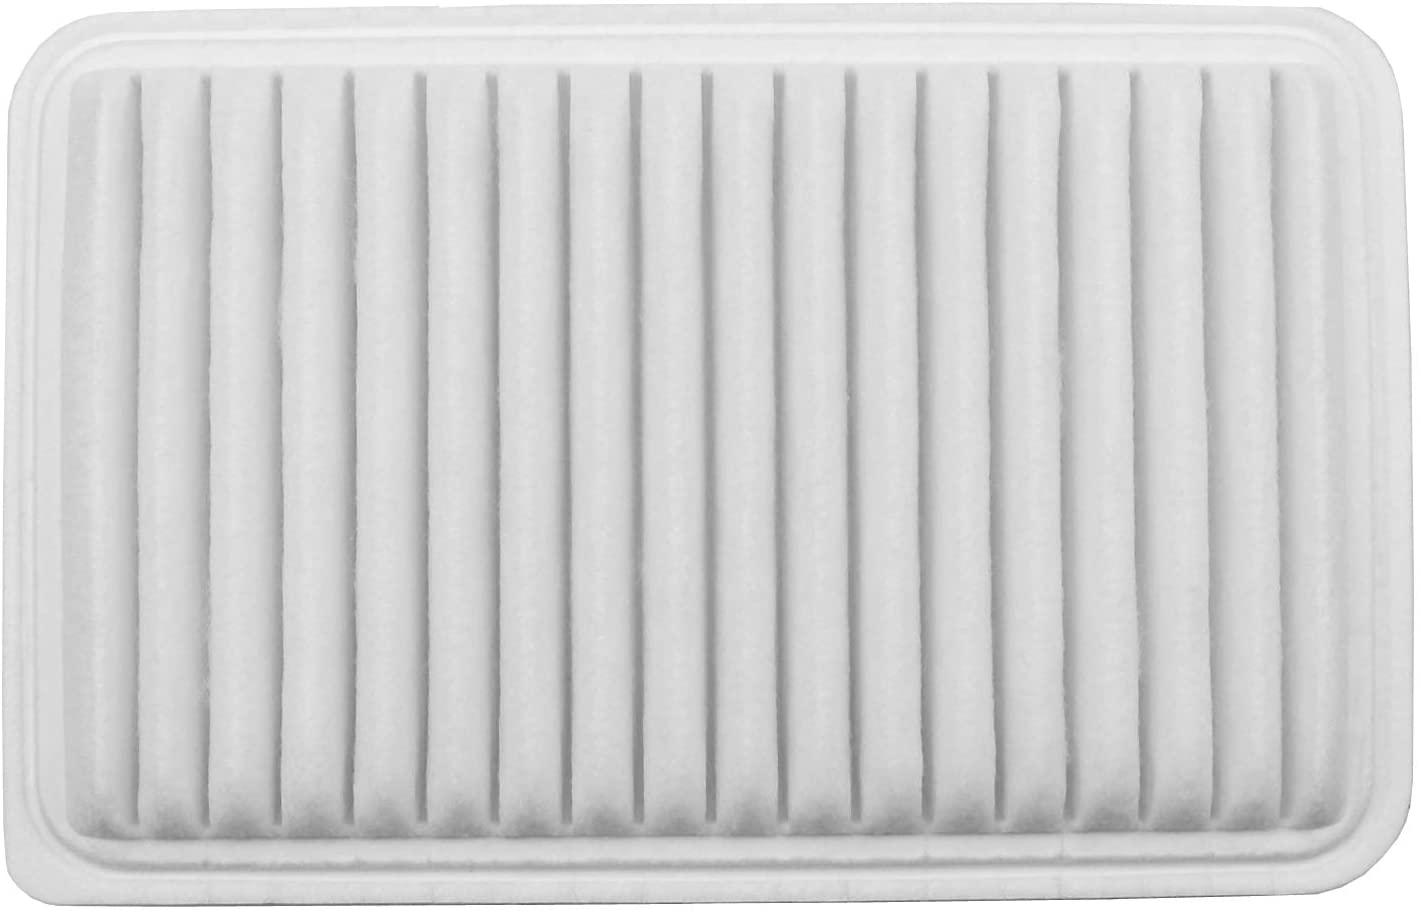 Beck Arnley 042-1816 Air Filter